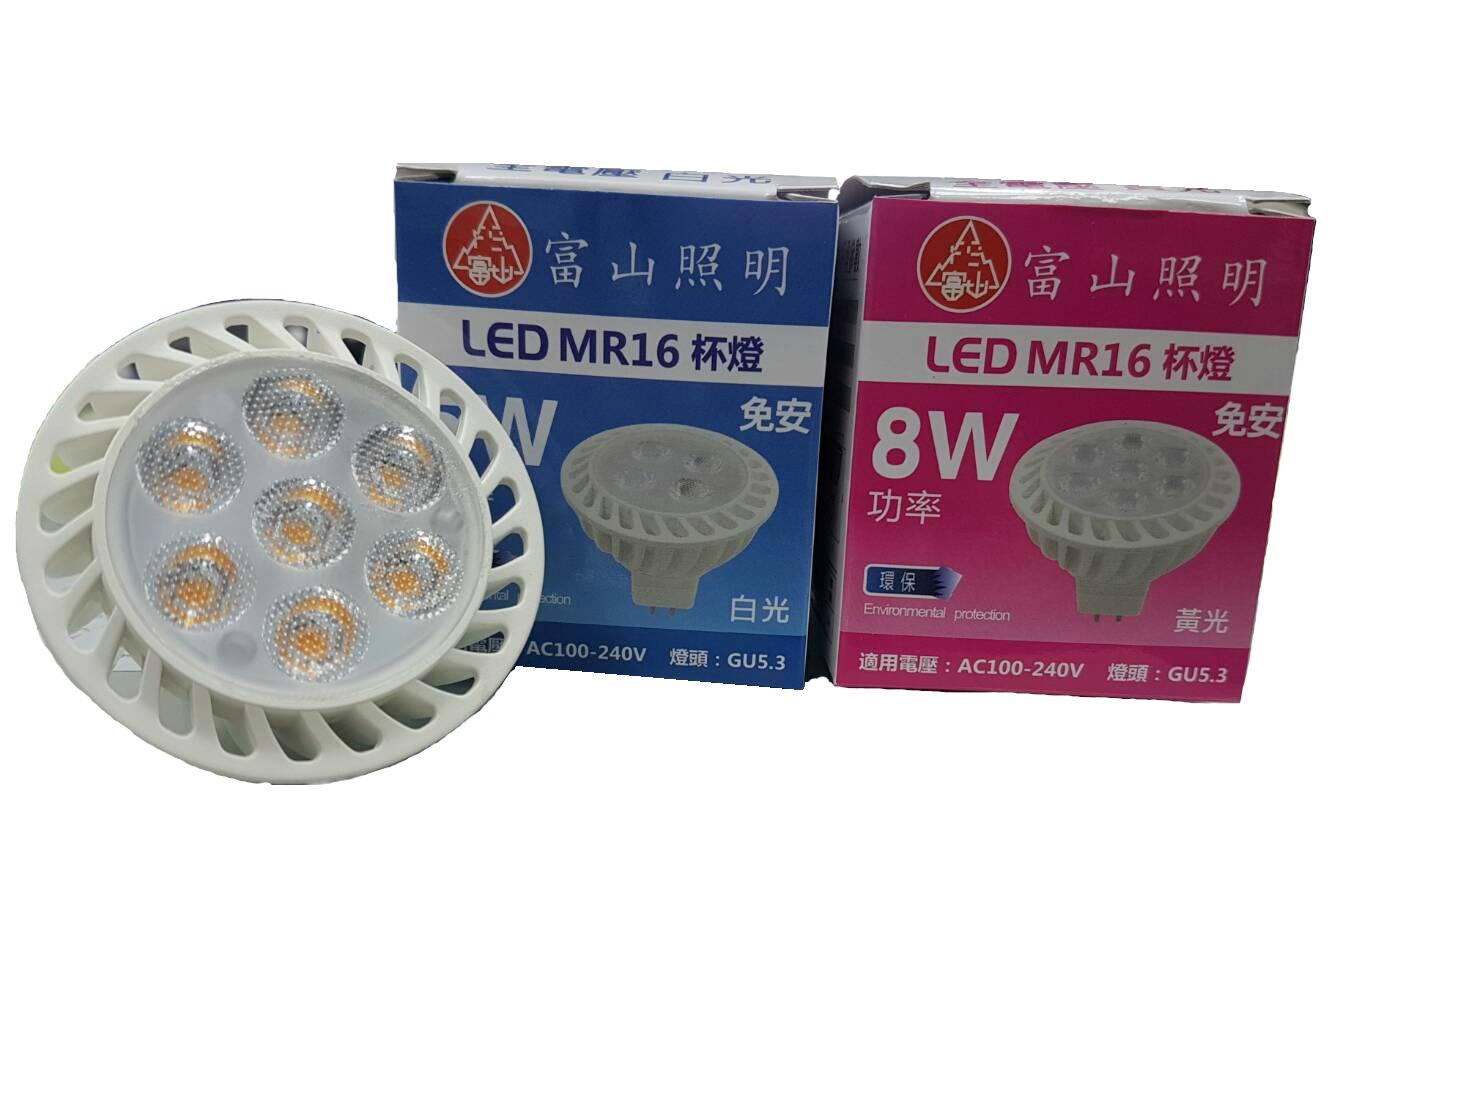 亮博士/富山★免安定器LED MR16 8W 杯燈 全電壓 白光 黃光★永旭照明ZG2-LED-8W-MR16%